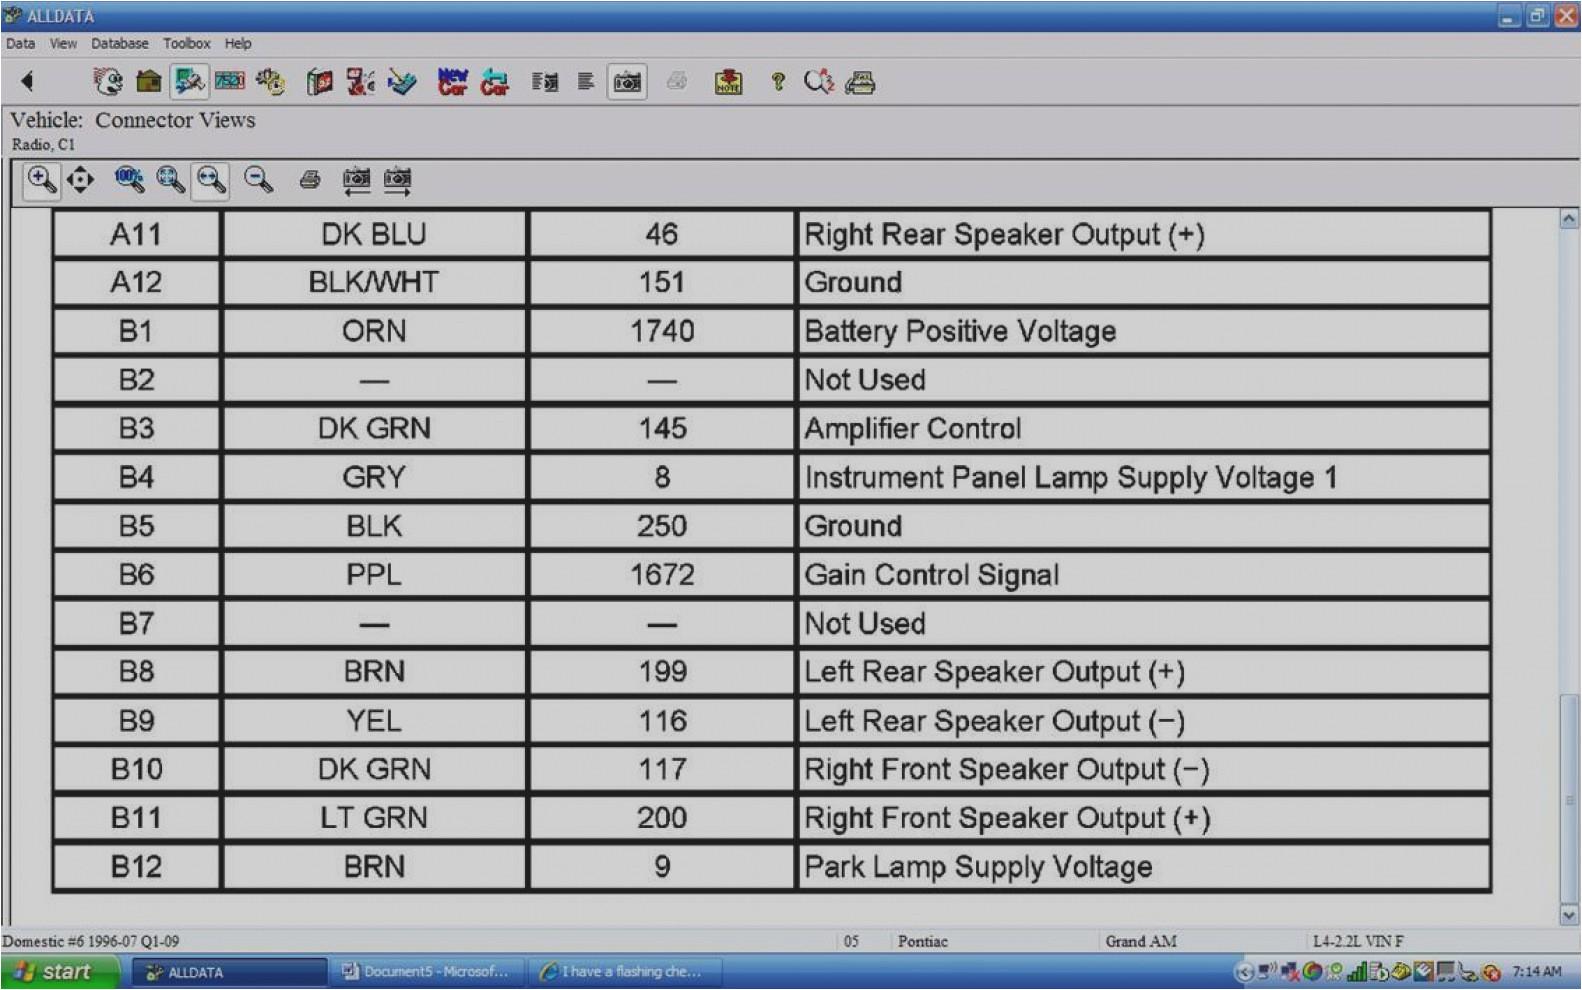 2005 pontiac grand am radio wiring diagram wiring diagram article2005 pontiac grand prix stereo wiring harness